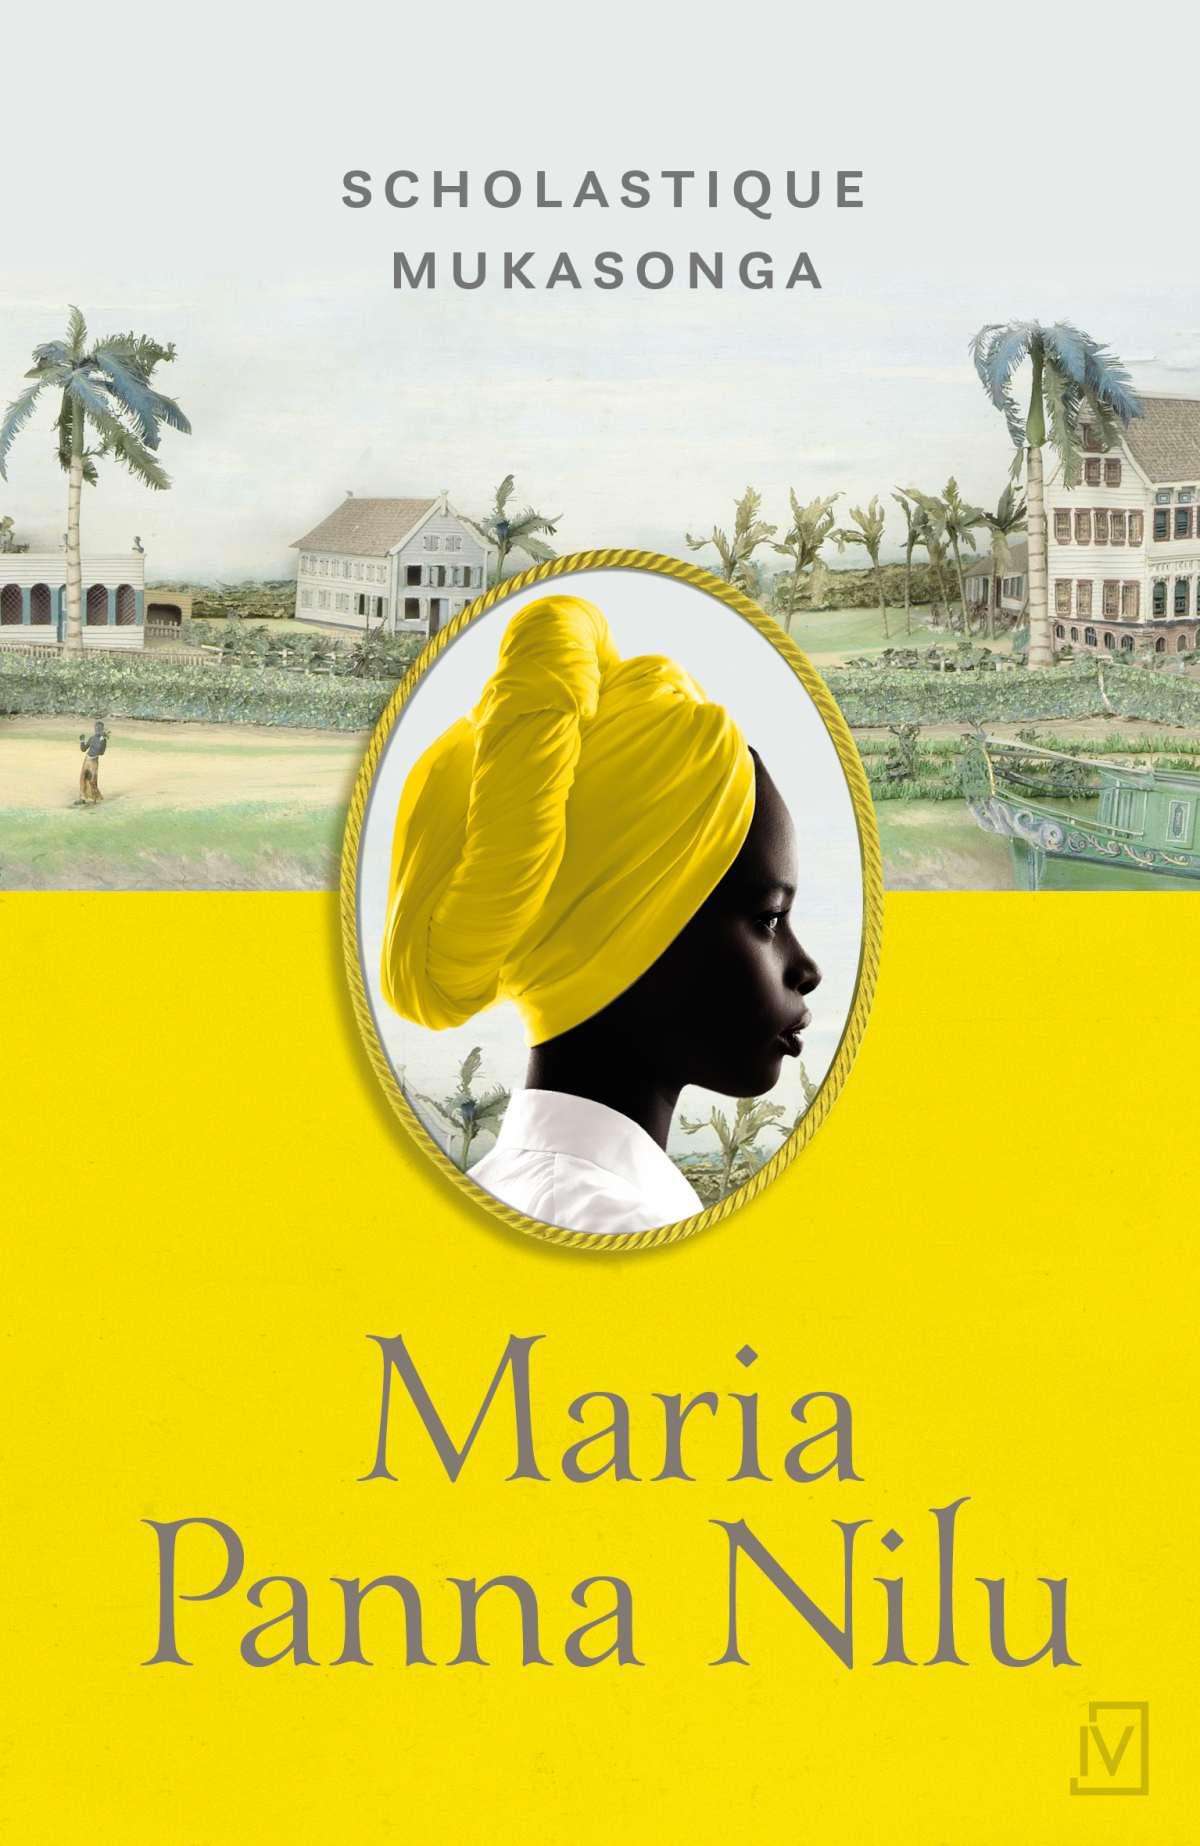 Maria Panna Nilu - Ebook (Książka EPUB) do pobrania w formacie EPUB